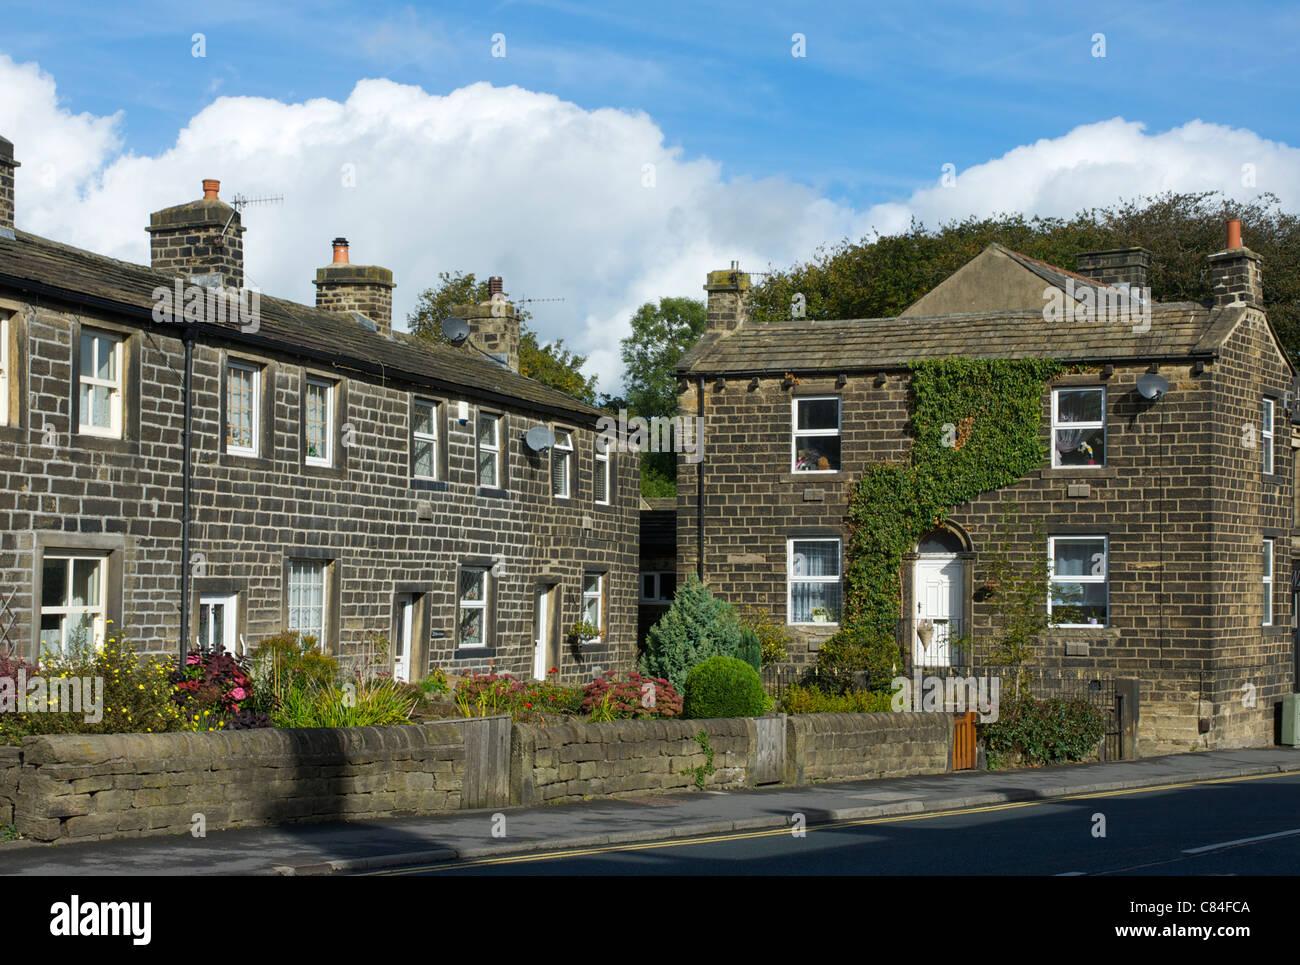 The village of Steeton, West Yorkshire, England UK - Stock Image